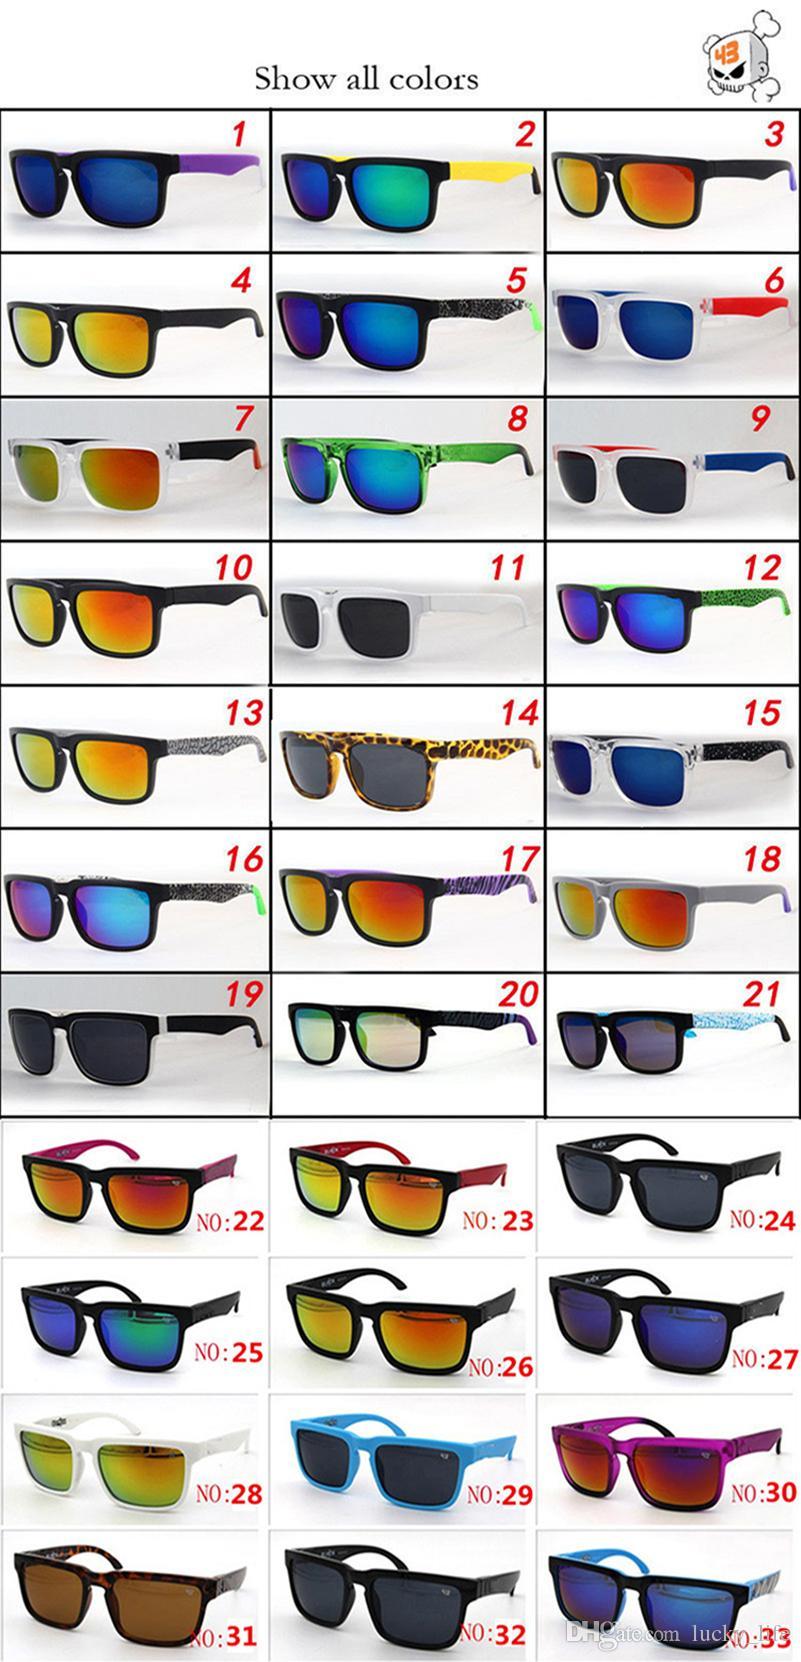 33 Renkler Marka Tasarımcısı Spied KEN BLOK Güneş Gözlüğü Helm Moda Erkekler Kare Çerçeve Brezilya Sıcak Işınları Erkek Sürüş Güneş Gözlükleri Shades Gözlük